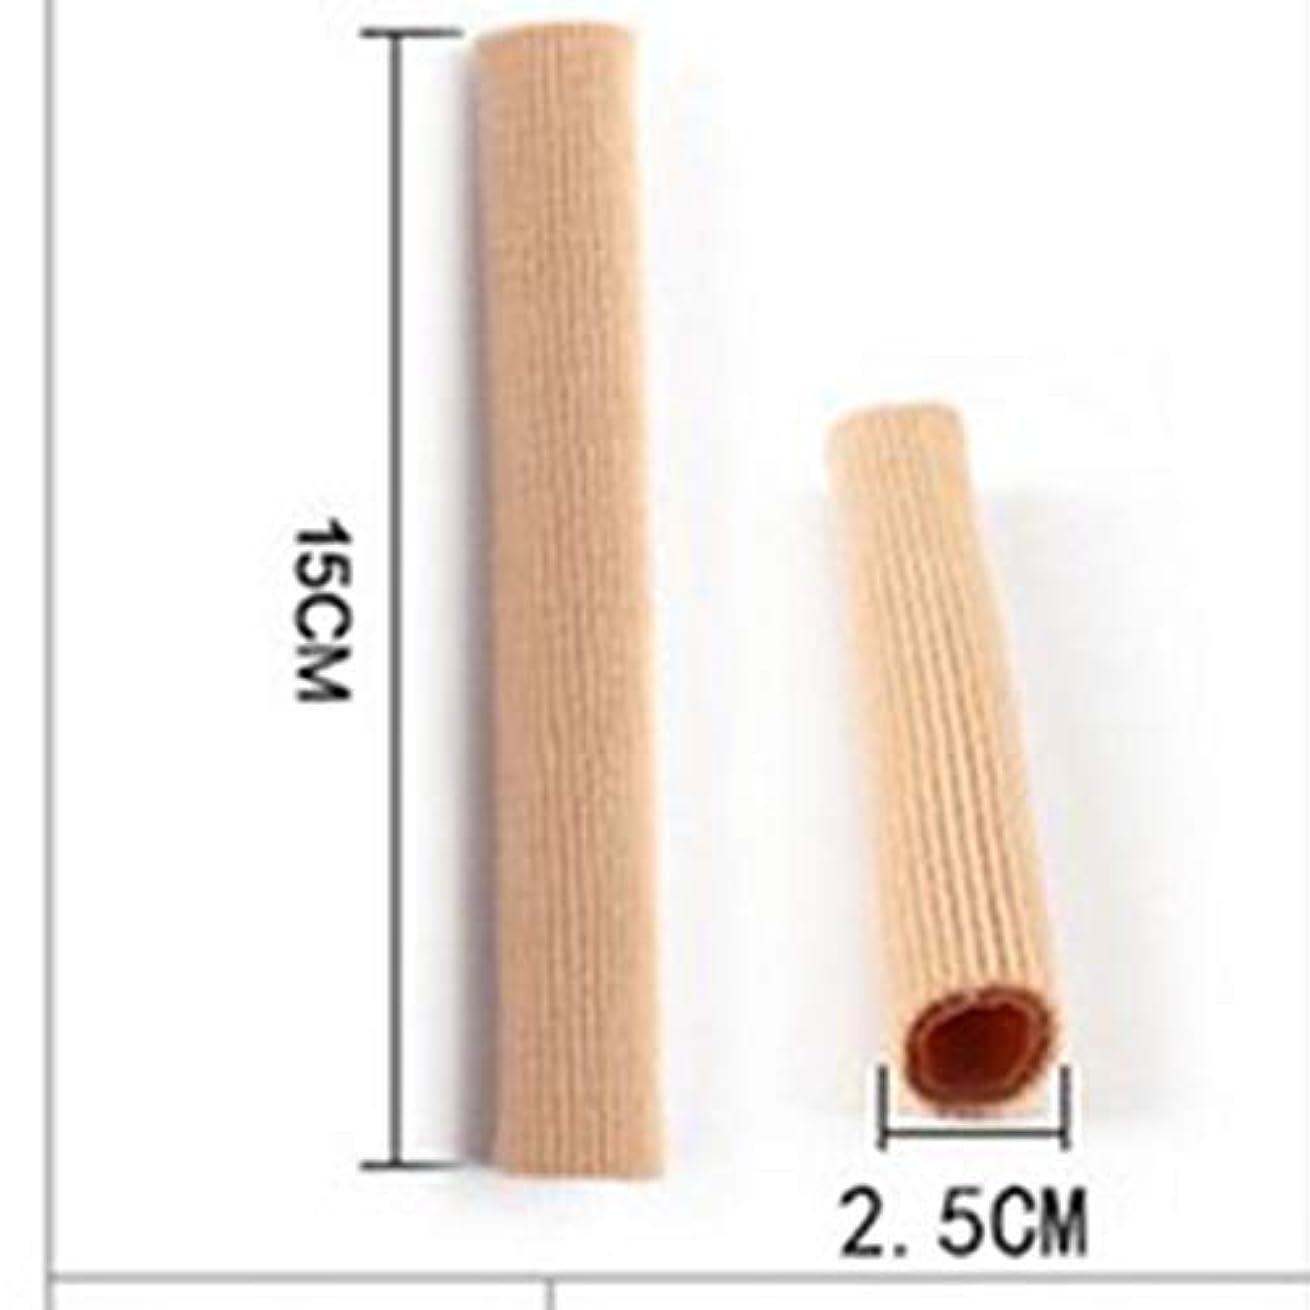 削減スキャンダルグリーンバックOpen Toe Tubes Gel Lined Fabric Sleeve Protectors To Prevent Corns, Calluses And Blisters While Softening And...